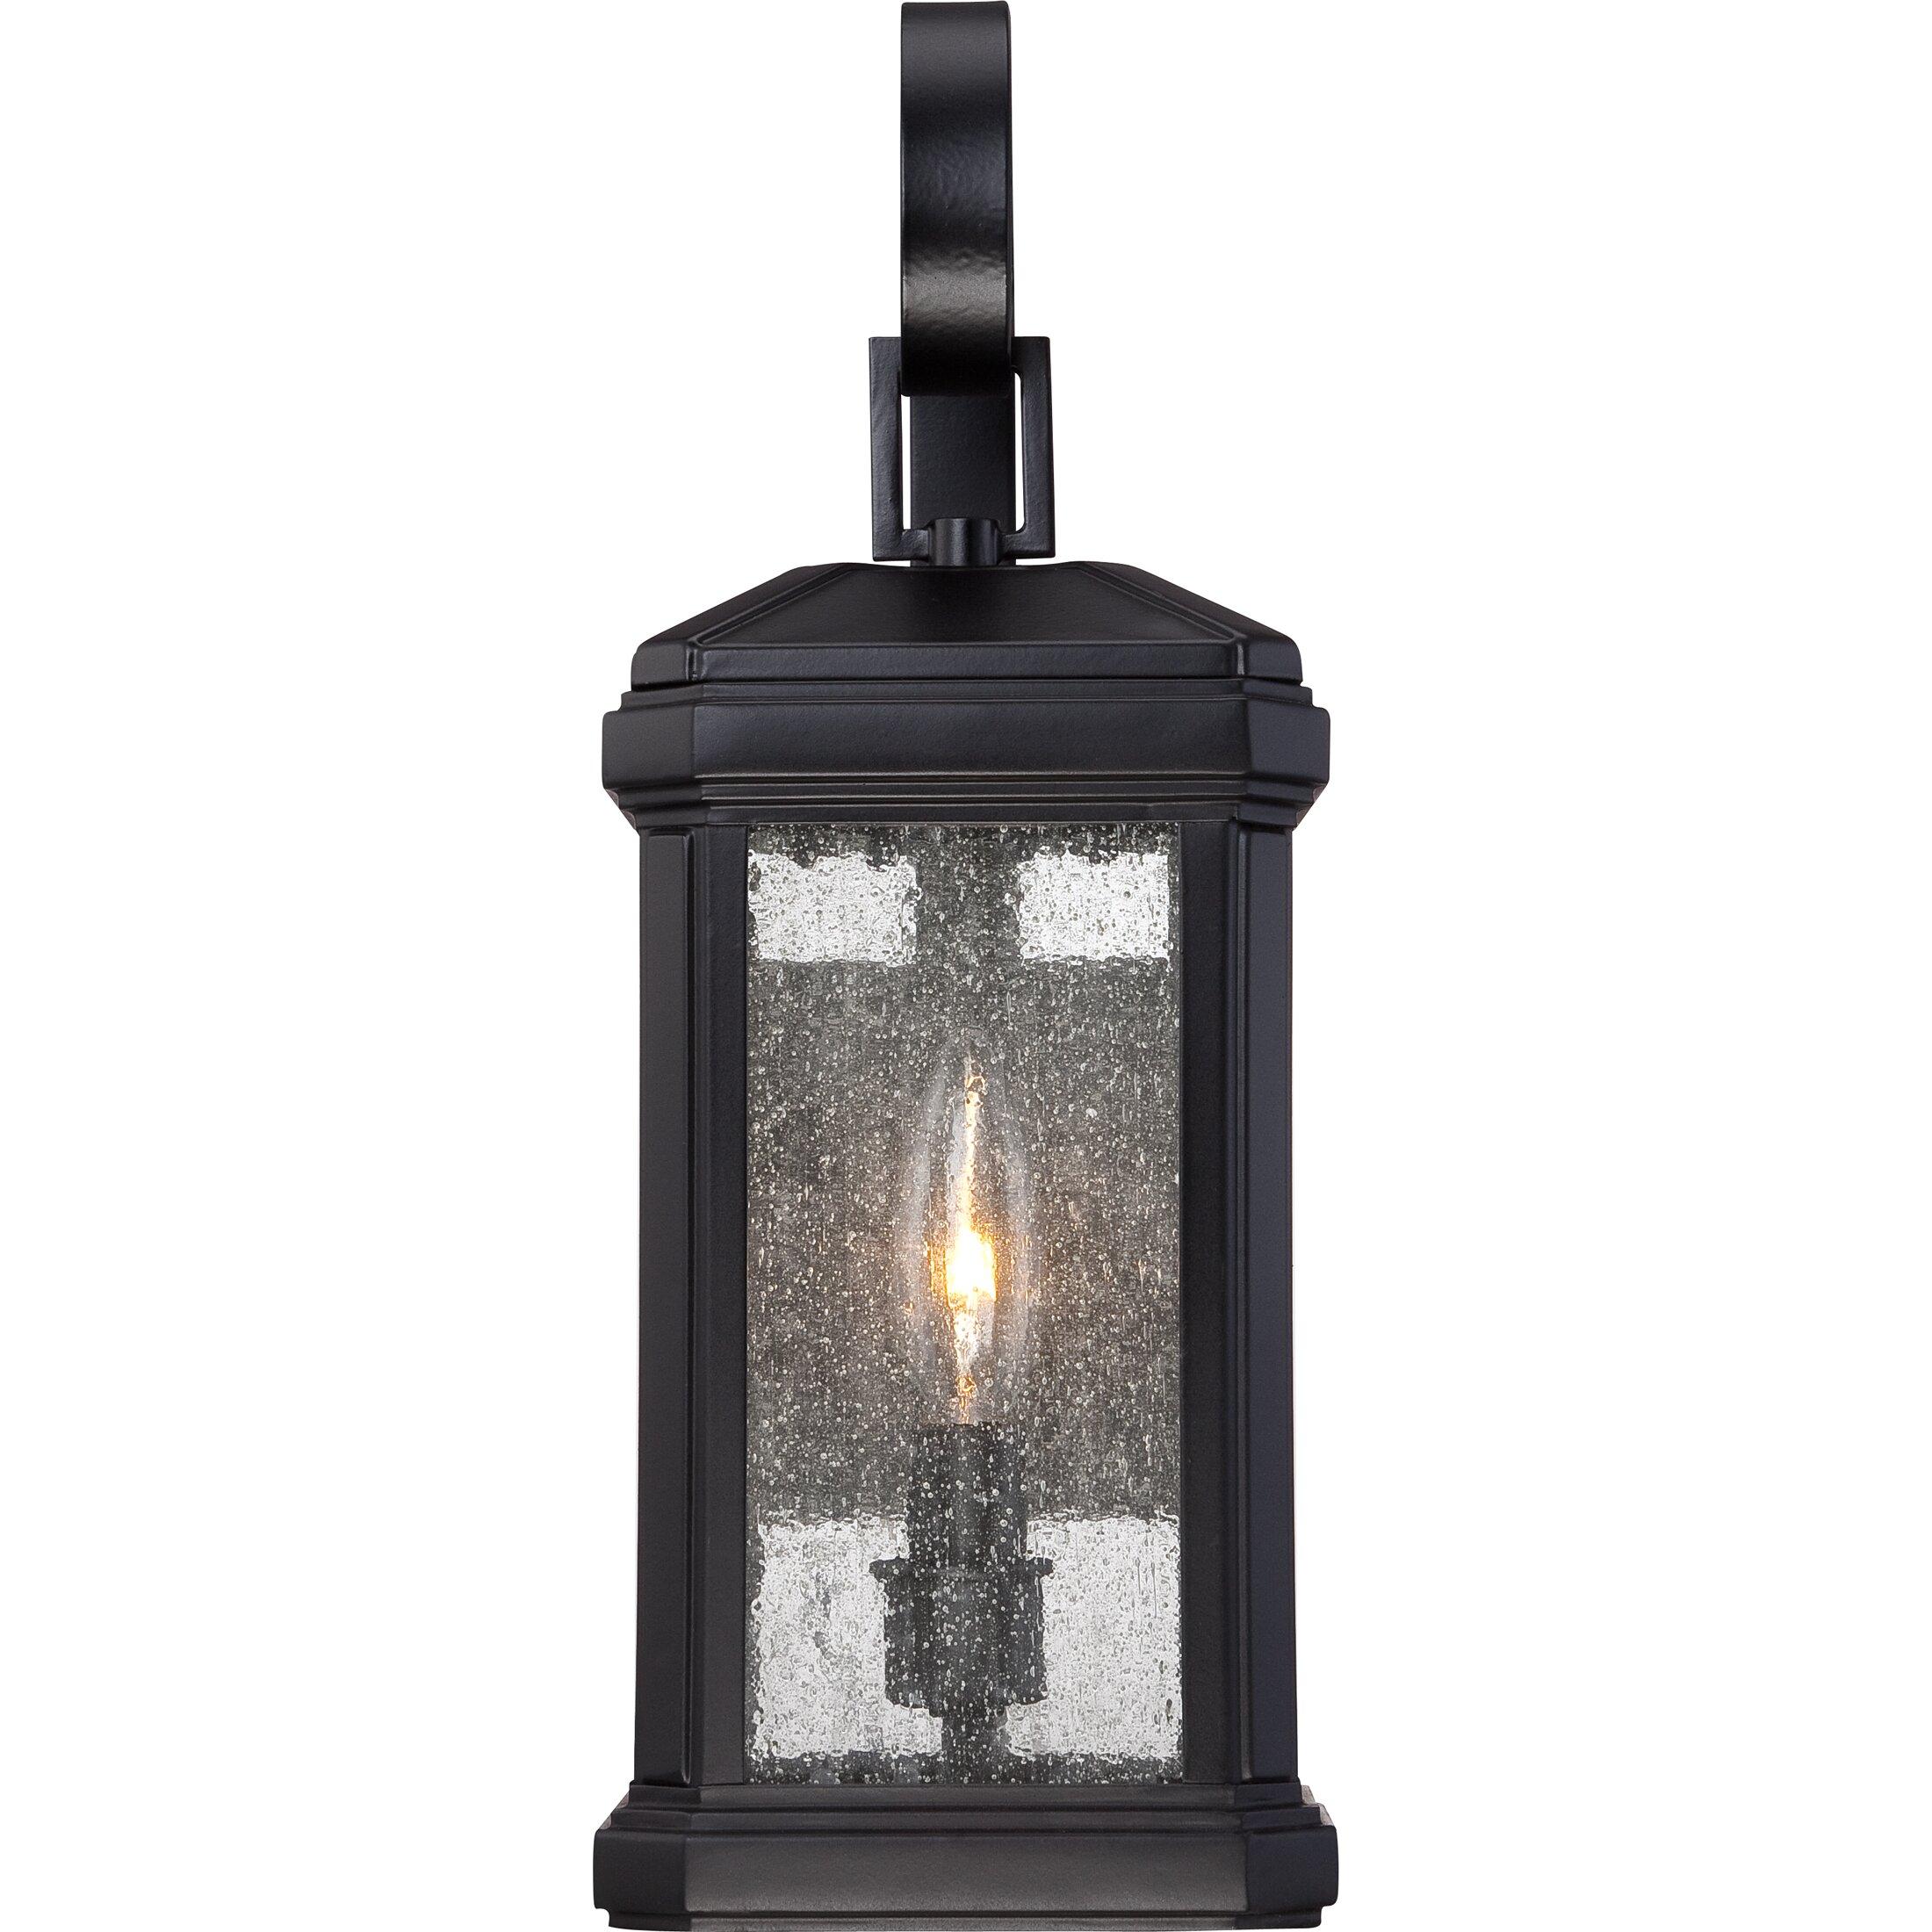 Quoizel Trumbull 1 Light Outdoor Wall Lantern & Reviews